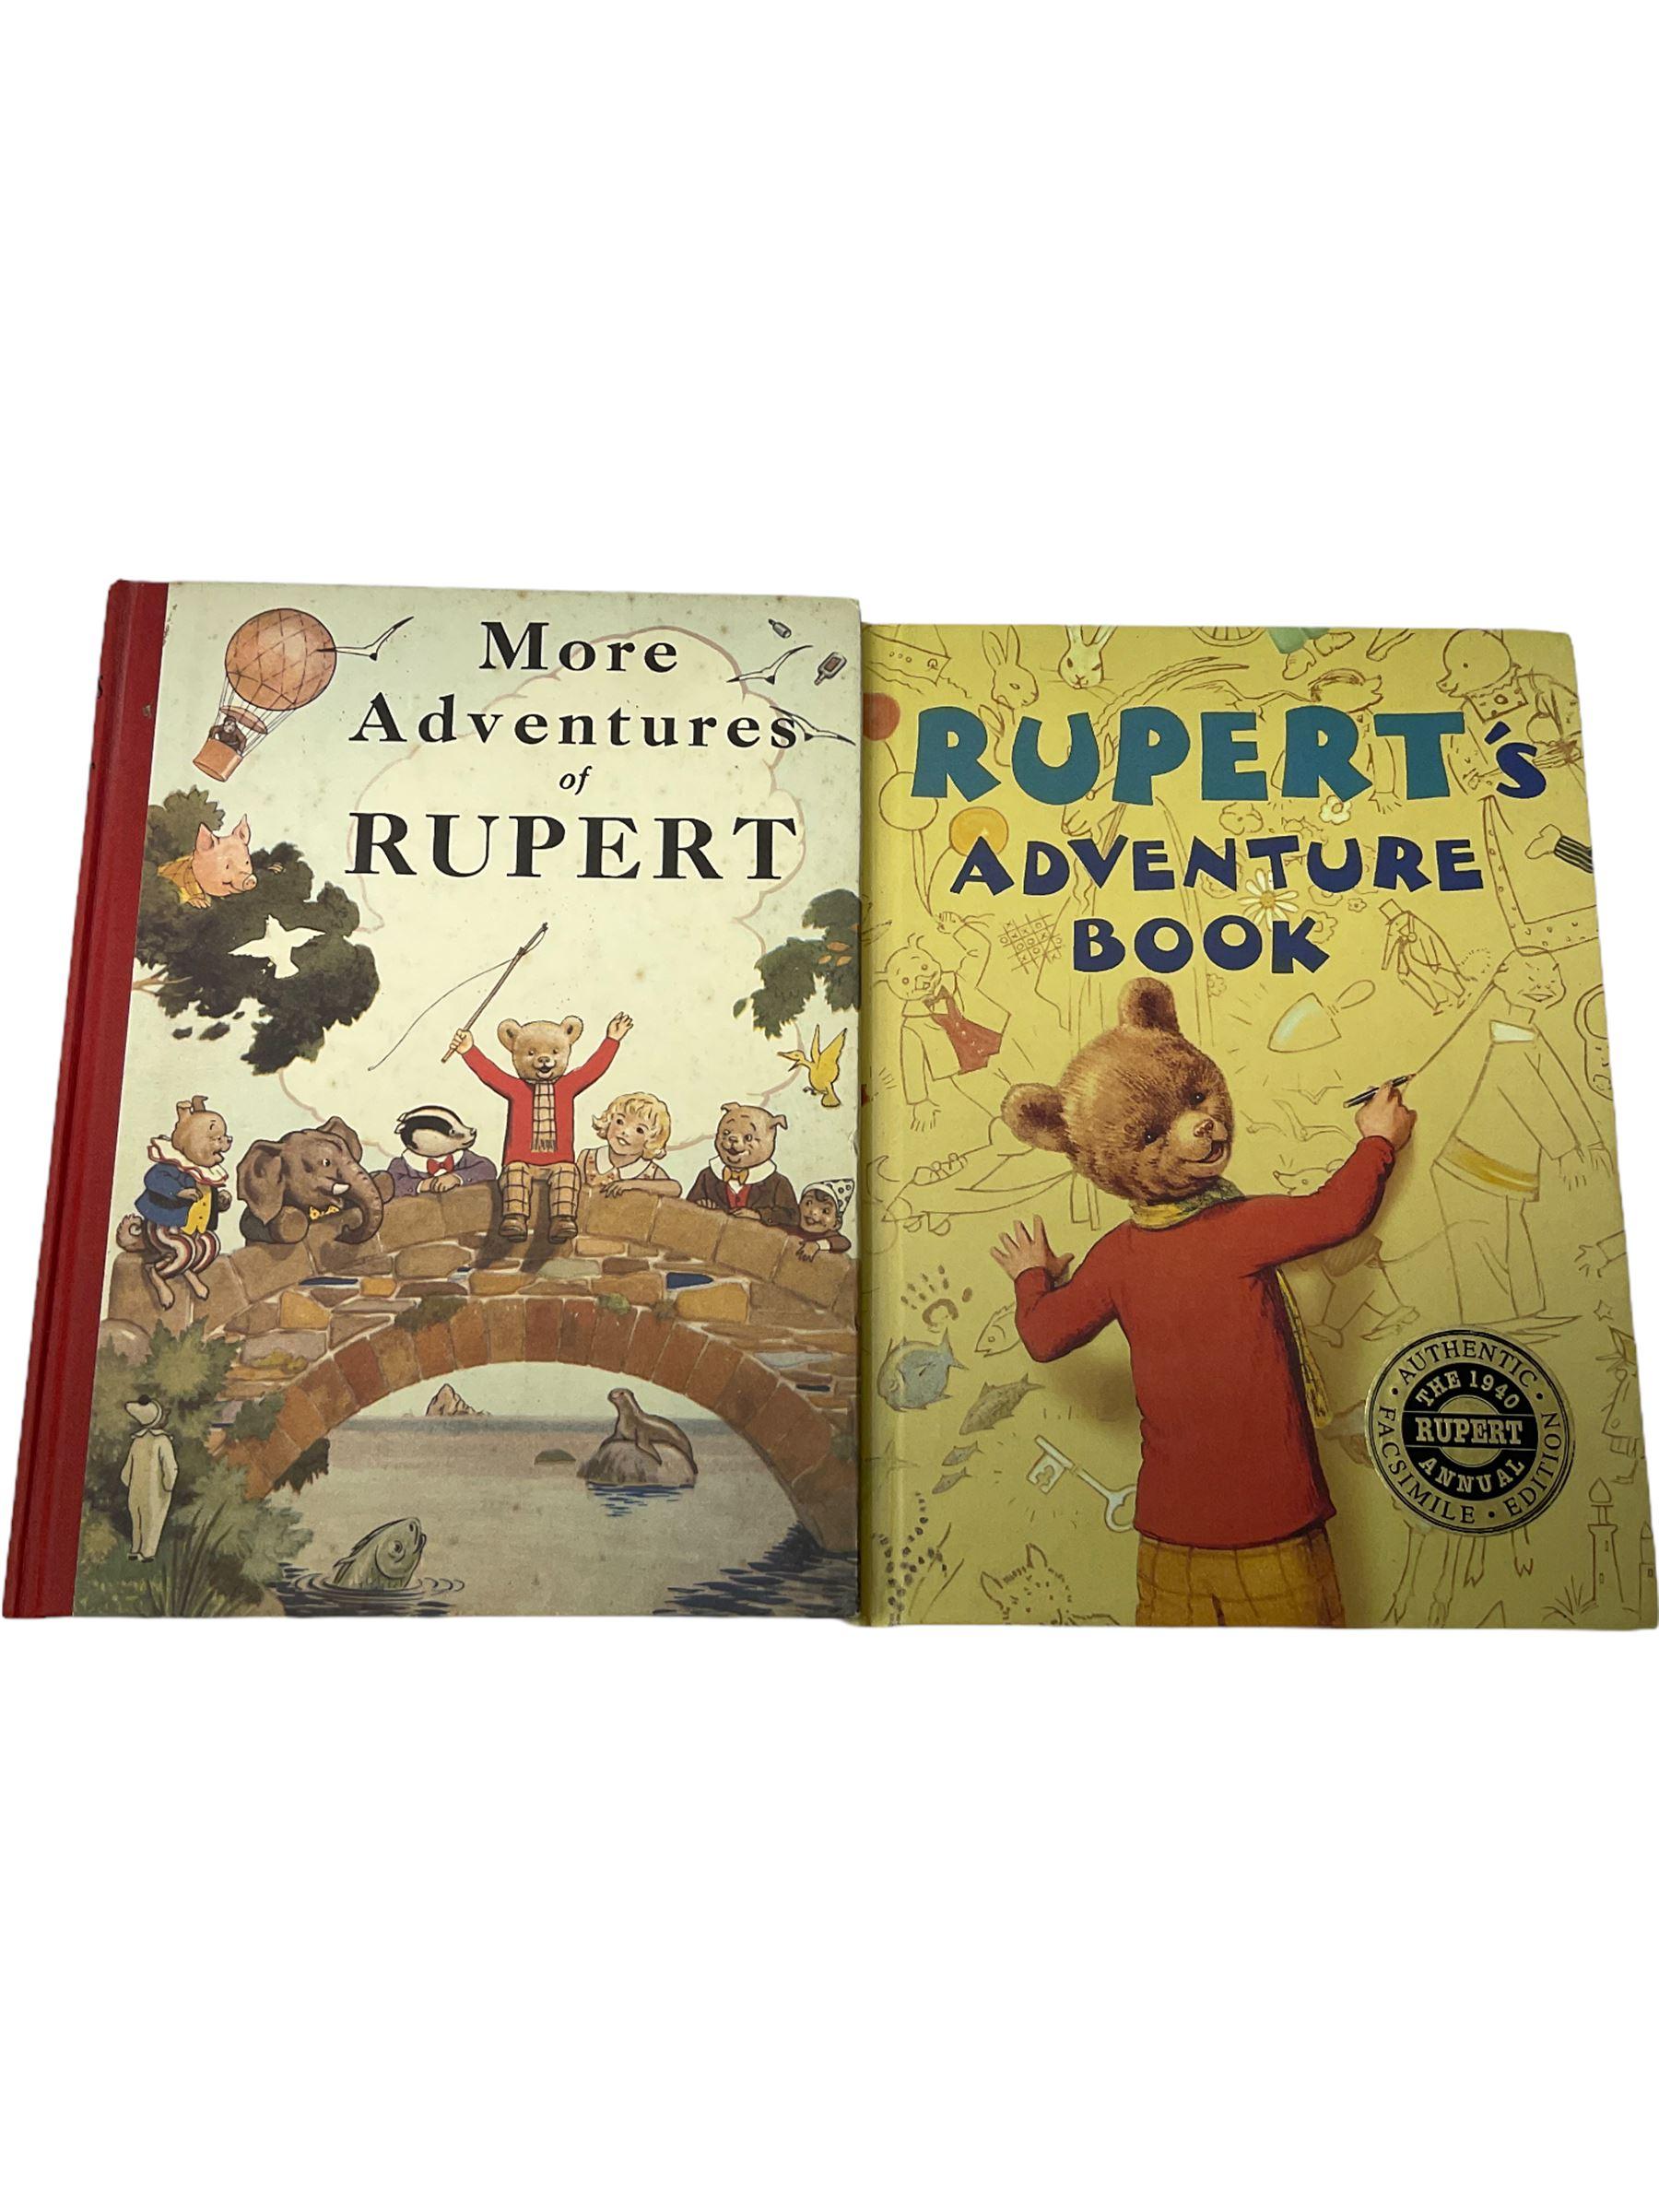 Rupert Bear - More Adventures of Rupert 1947 and The Rupert Book 1948 - Image 4 of 8